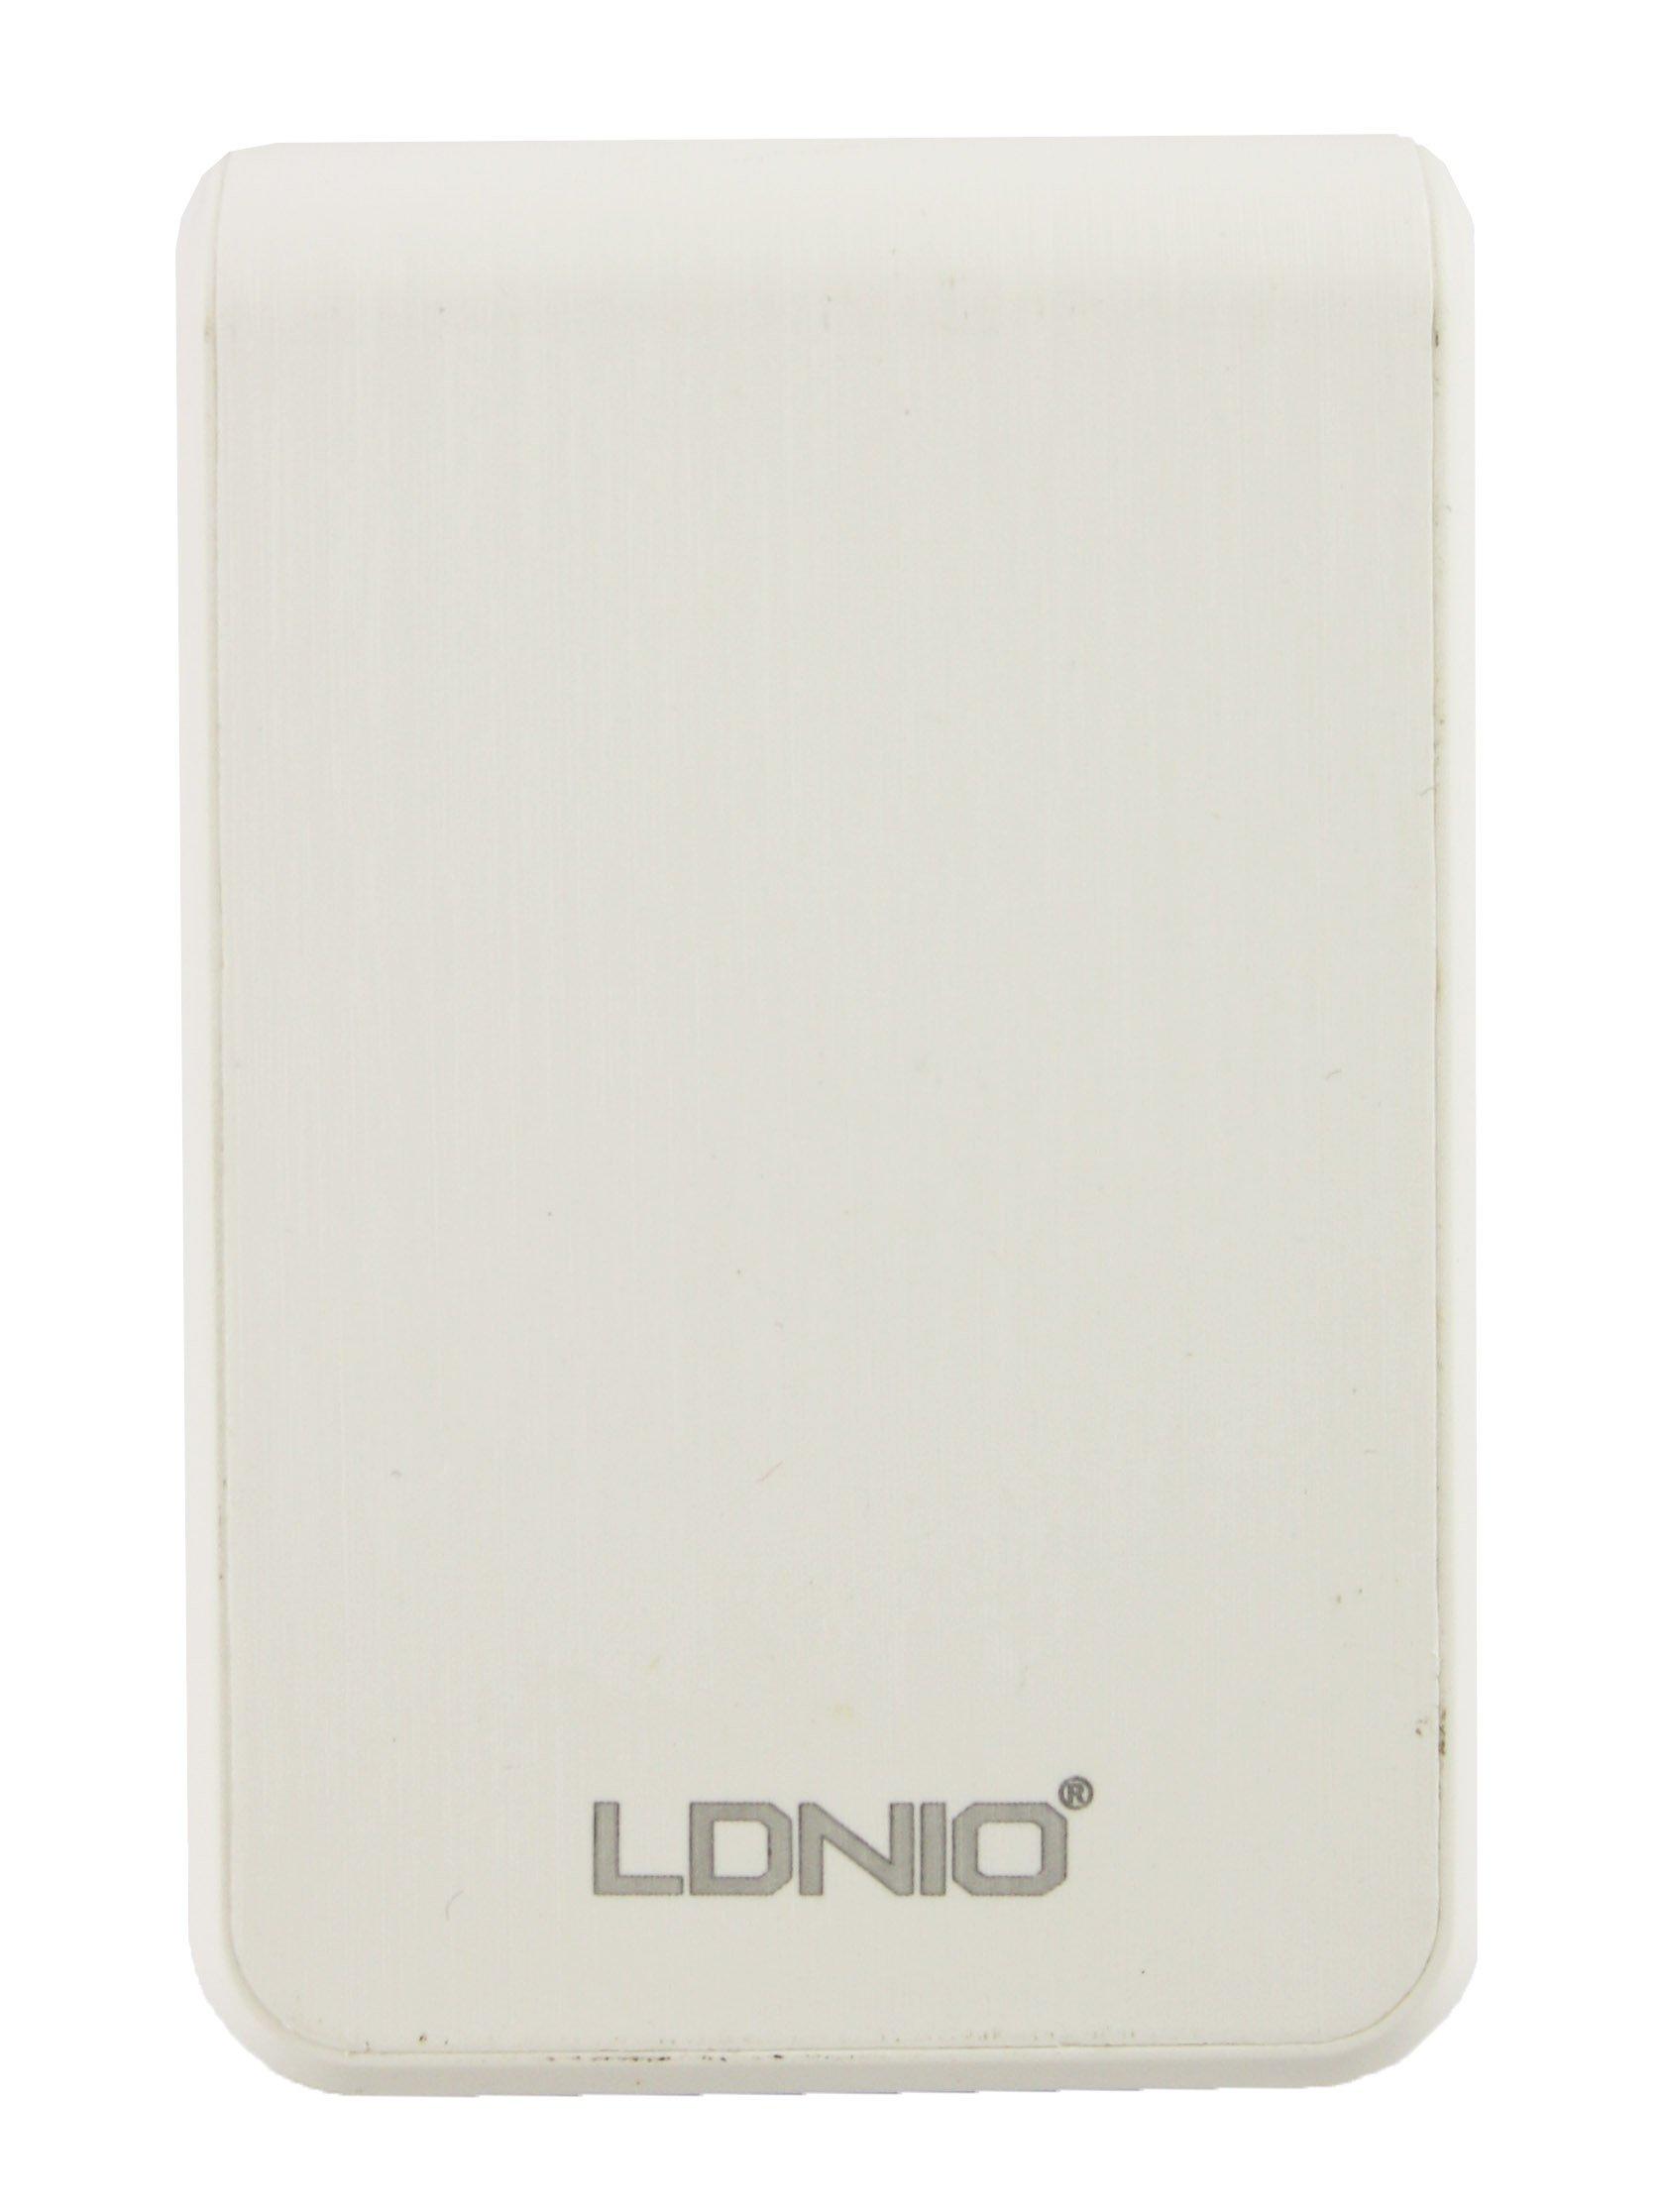 Ldnio Vivo V5 Lite/Vivo V5 Plus Blanco 4.2 Amp 4 de Rojo USB Pin 2 ...